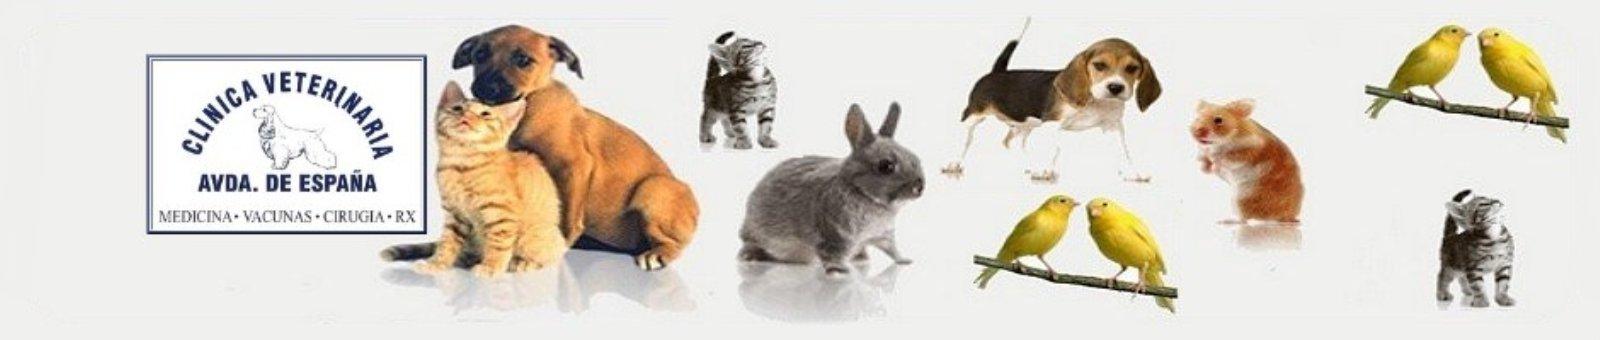 clinicas veterinarias en alcobendas, clinicas veterinarias en la moraleja